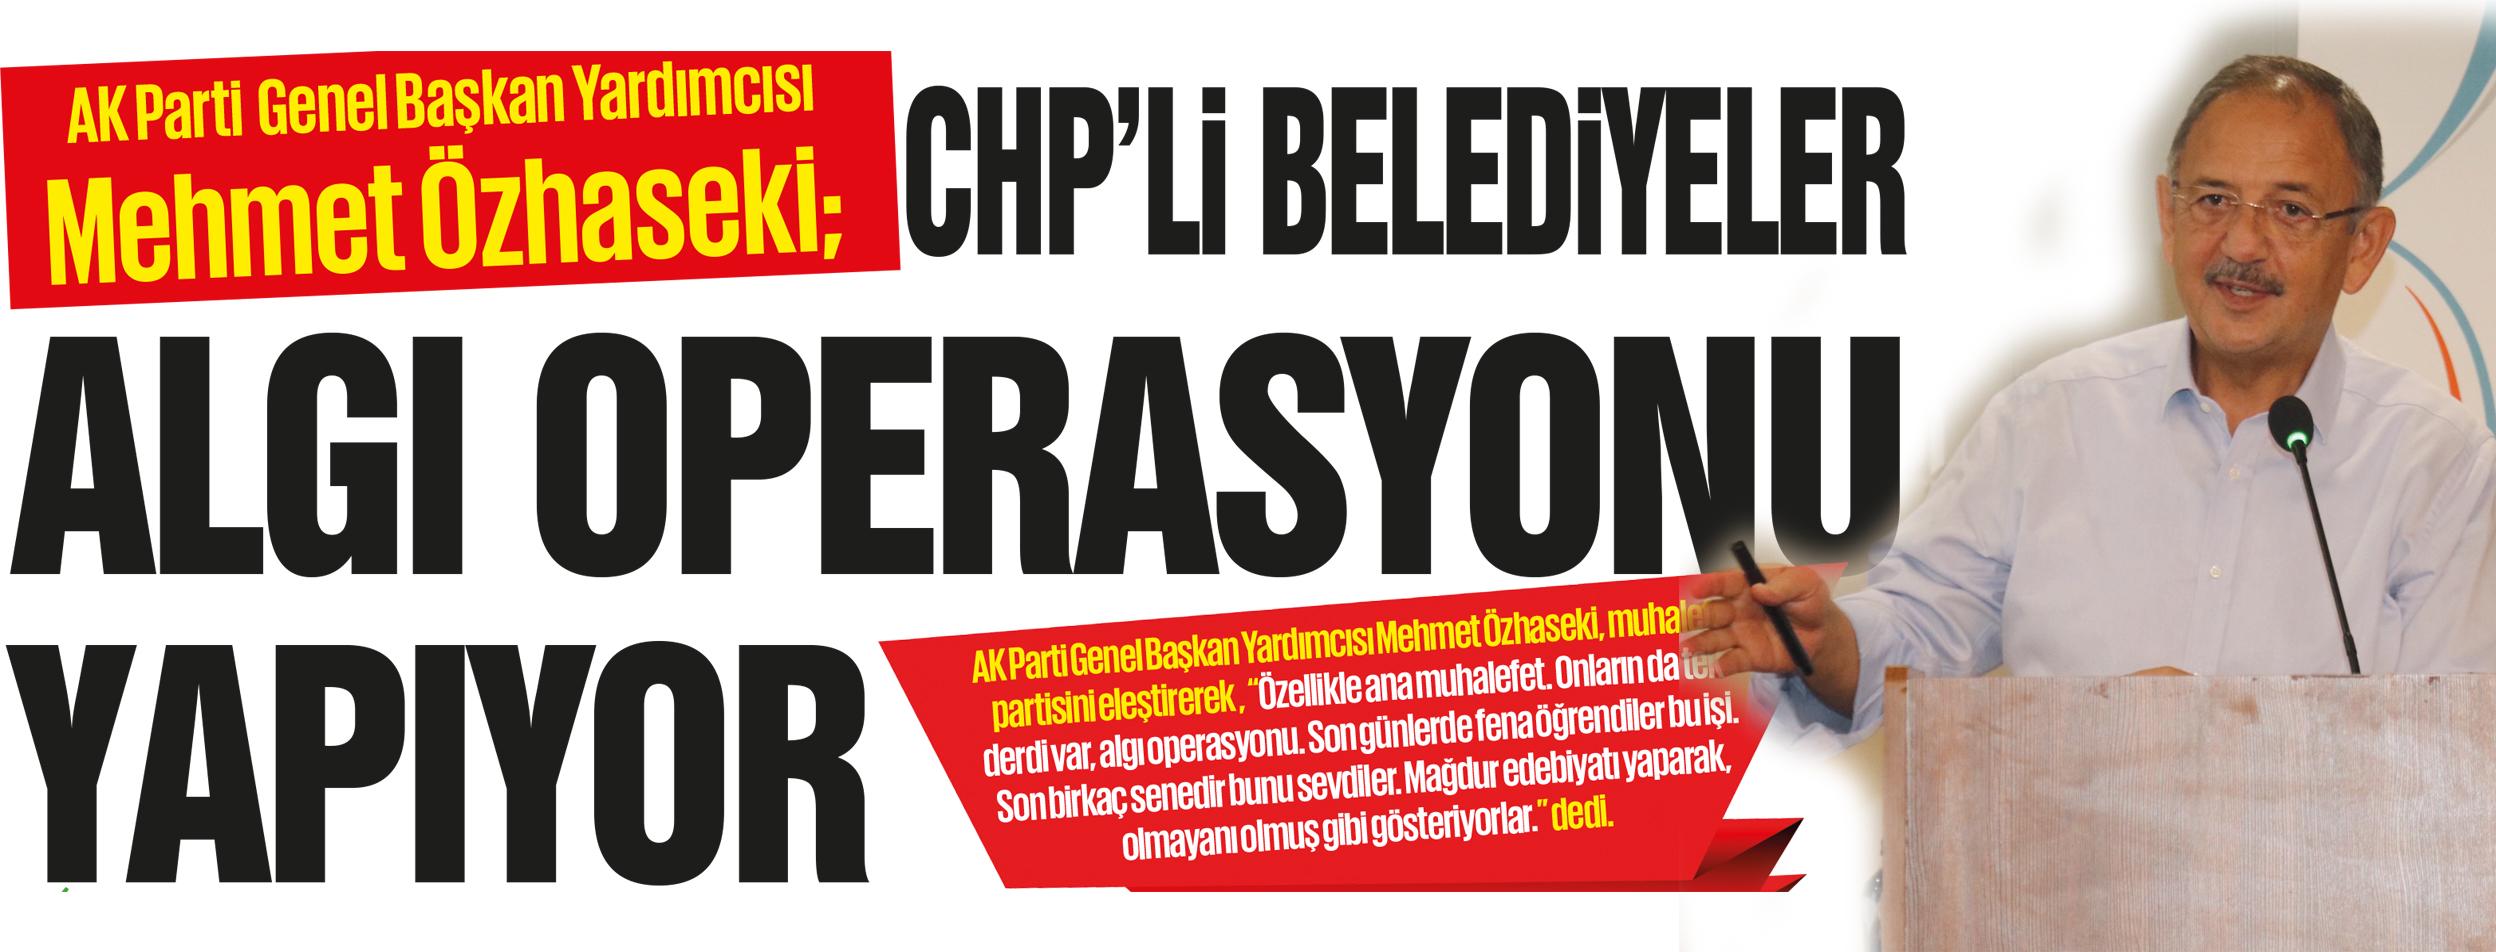 CHP'Lİ BELEDİYELER ALGI OPERASYONU YAPIYOR